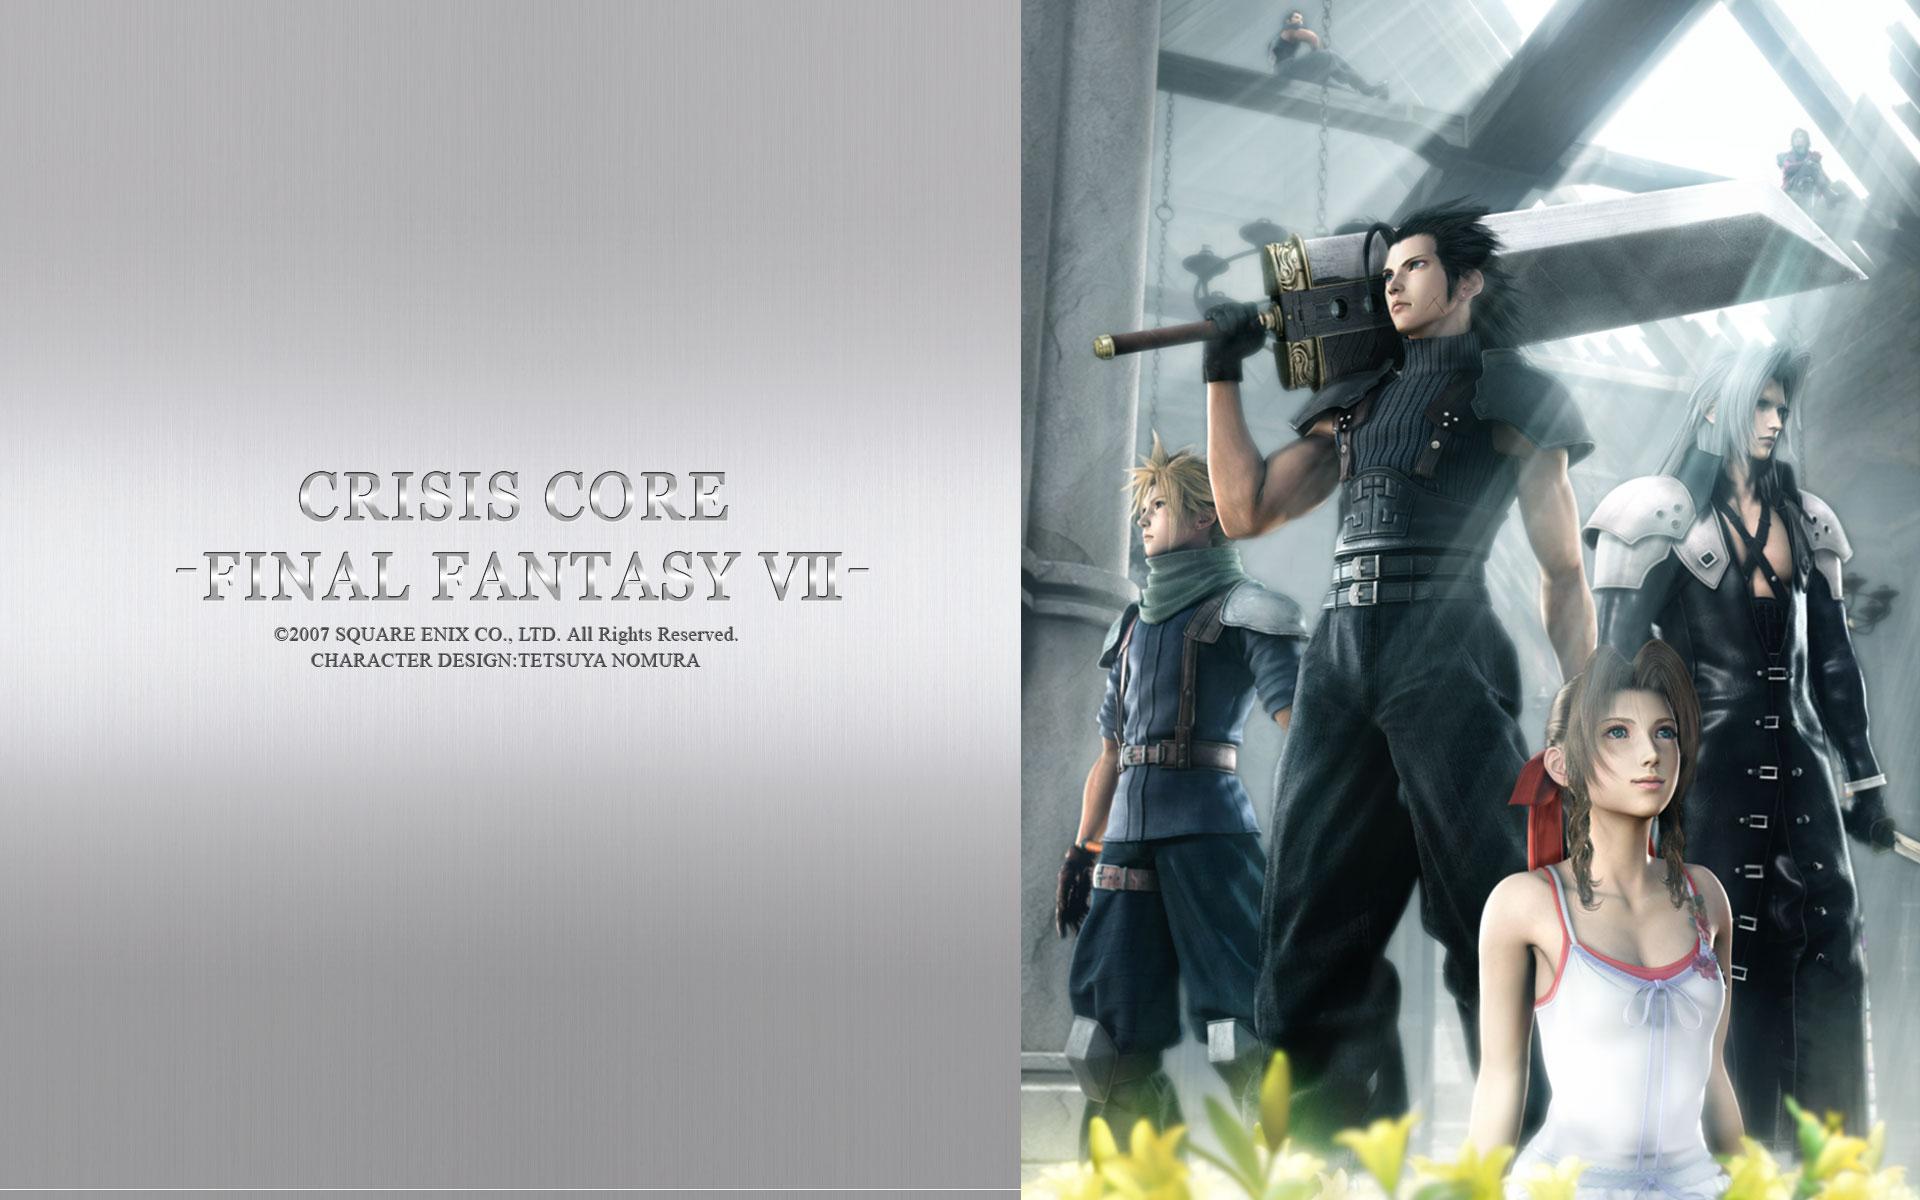 Final fantasy final fantasy vii sephiroth crisis core - Zack fair crisis core wallpaper ...